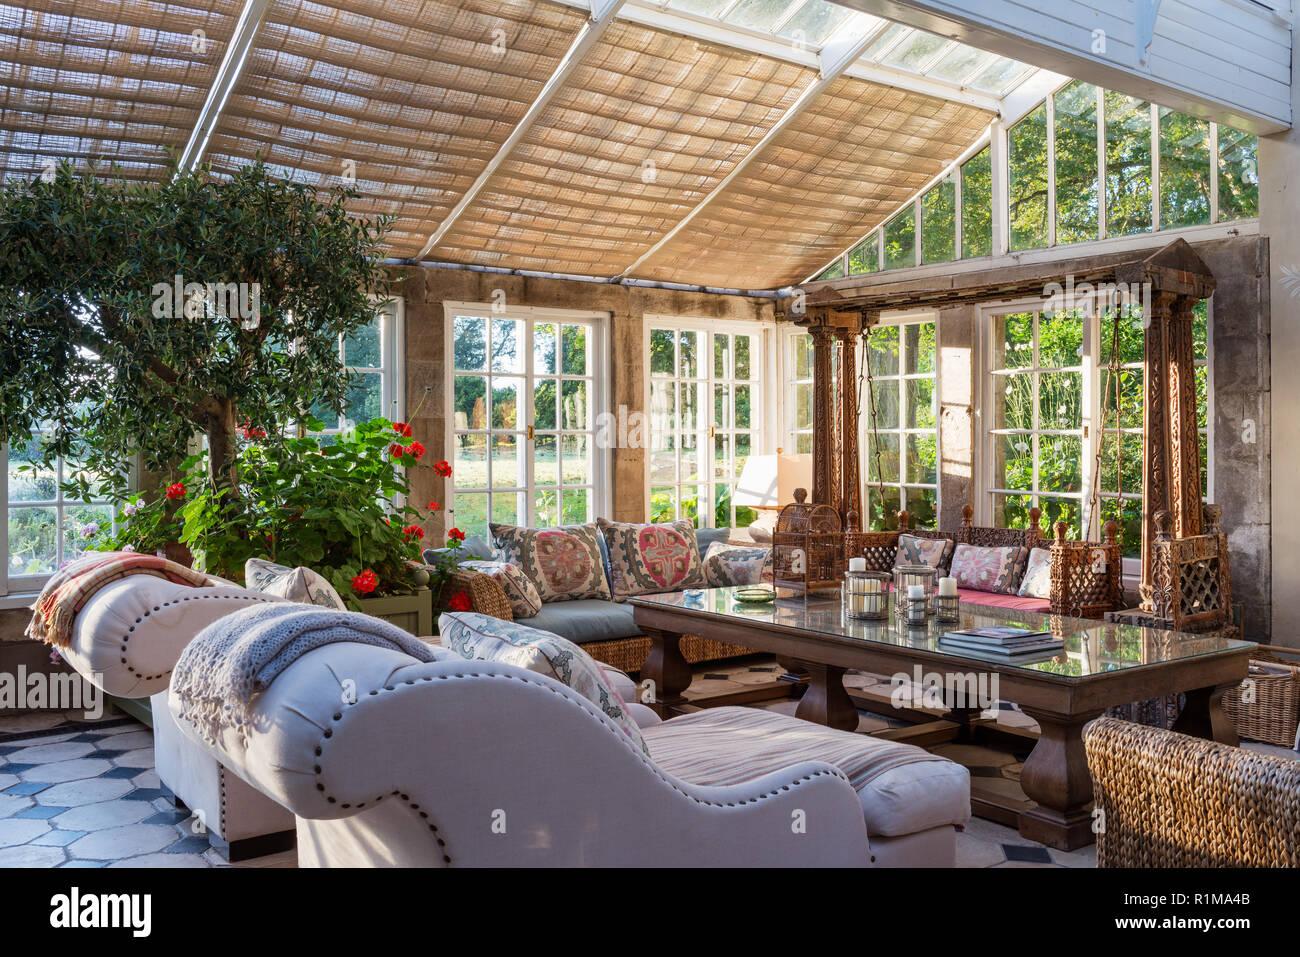 Wintergarten Esszimmer Mit Sofas Stockfotografie Alamy